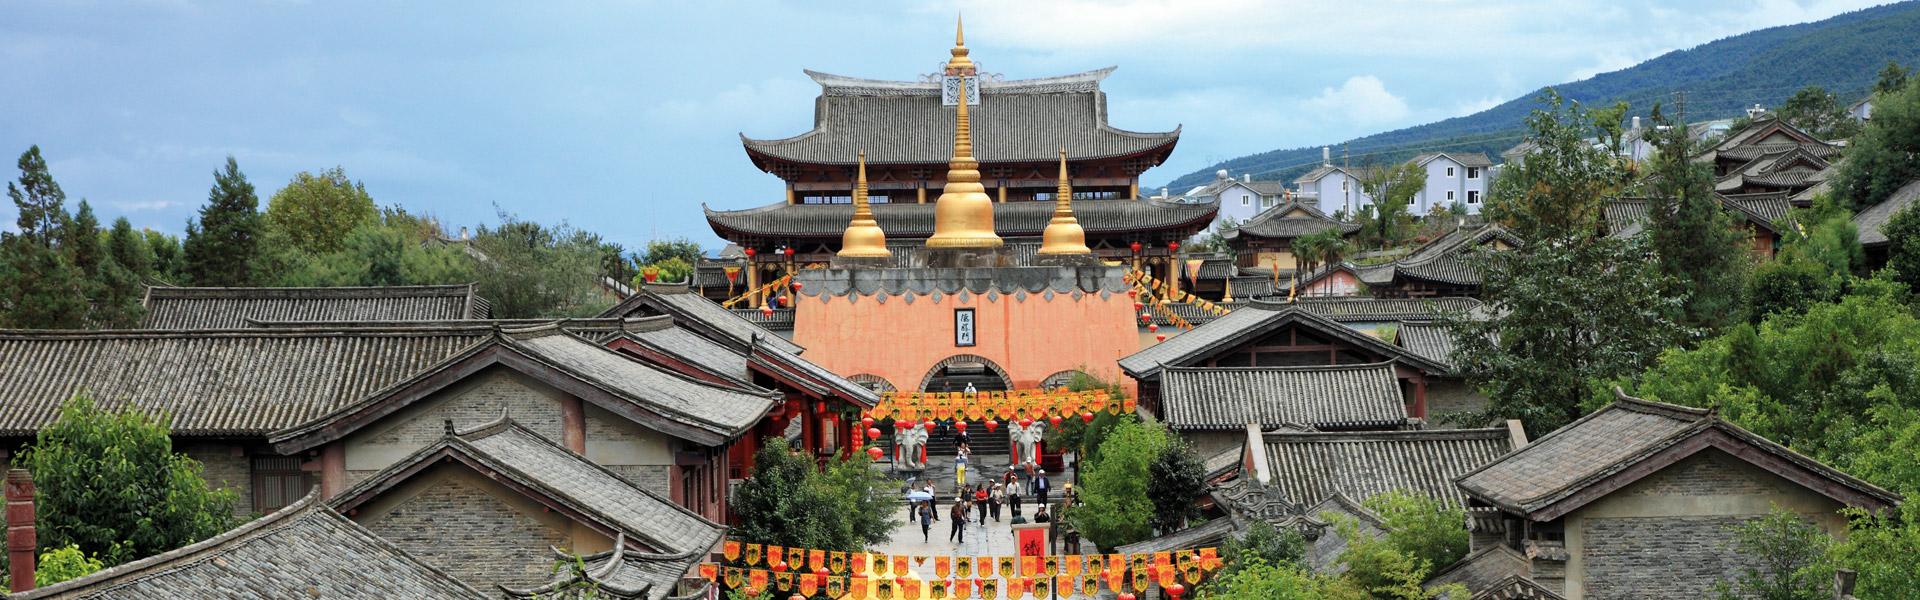 5 reasons to visit china